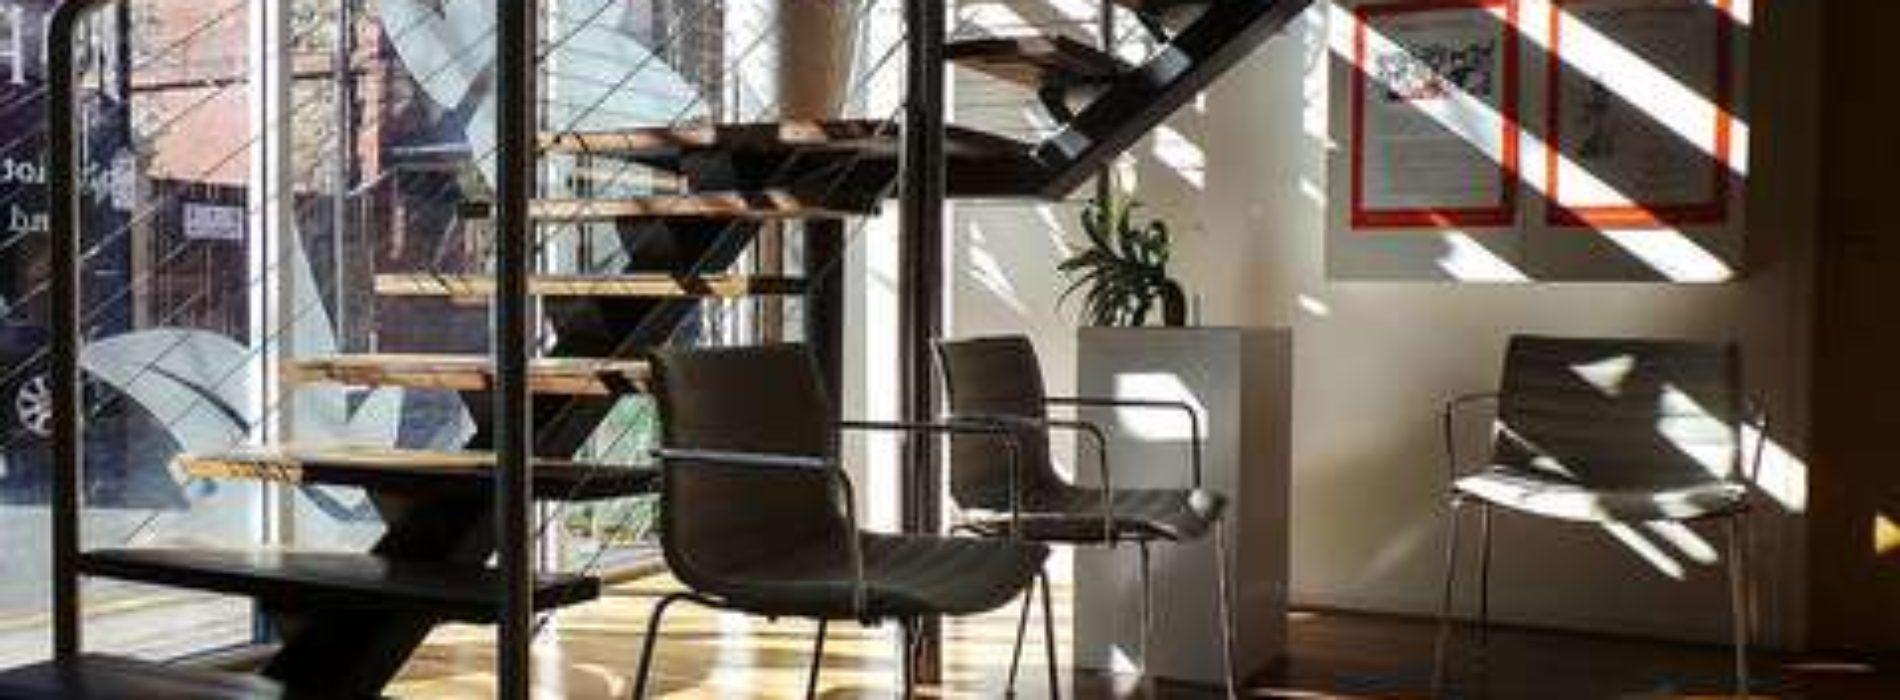 Budowa domu i wybór schodów wewnętrznych